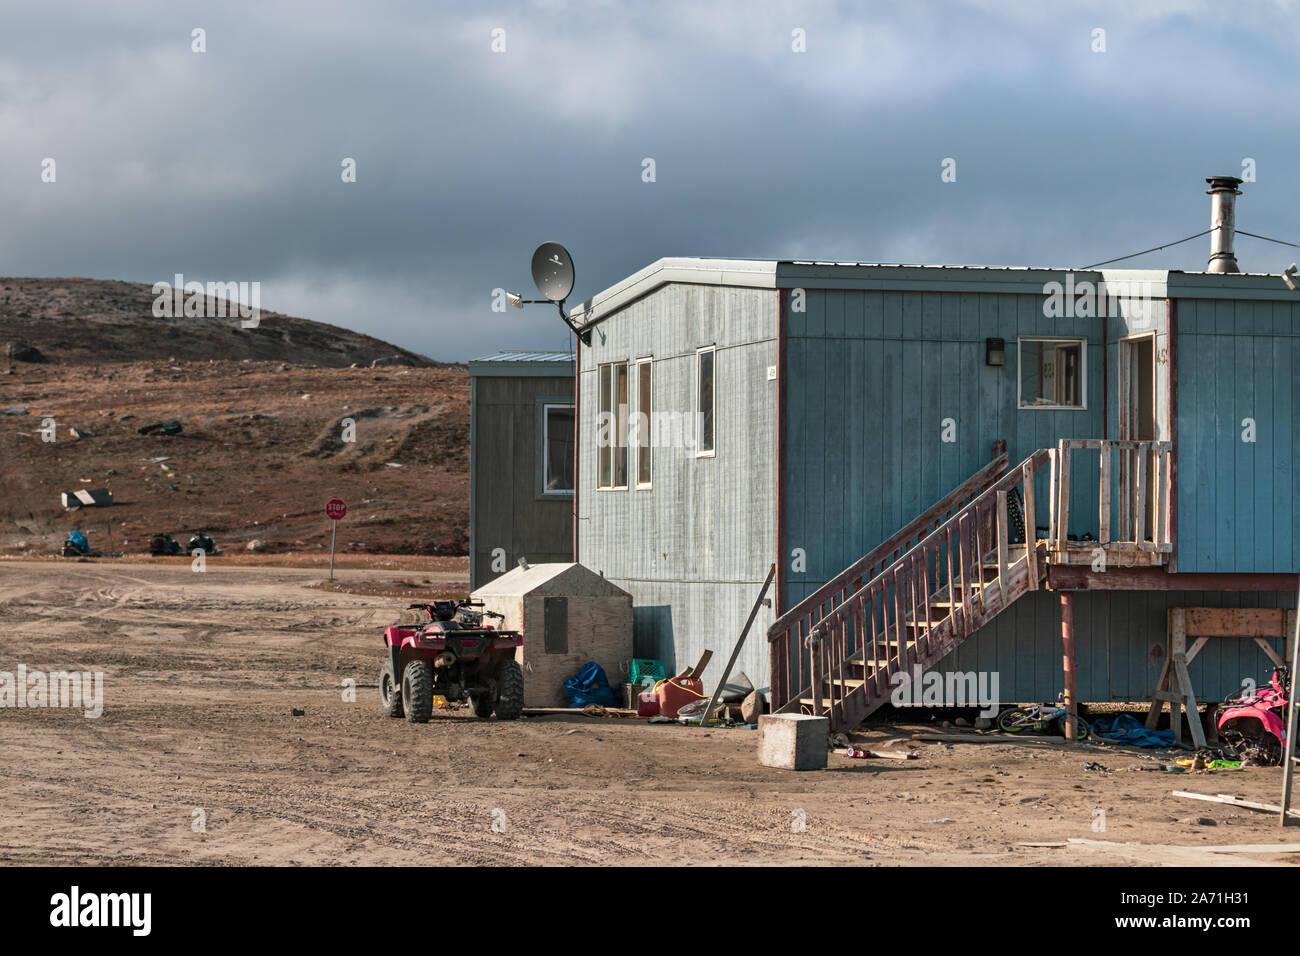 Maisons à Clyde River, au Nunavut, Canada. Banque D'Images